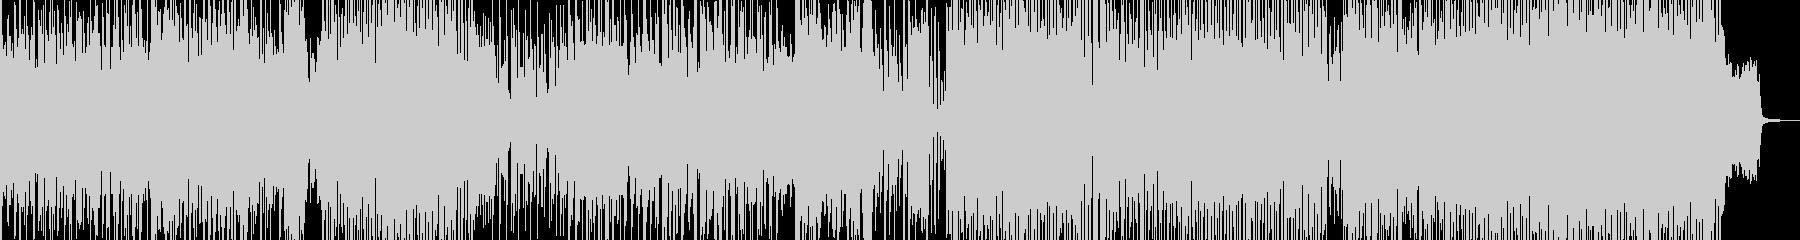 メリハリ・緩急際立つヒップ&ハウス Bの未再生の波形